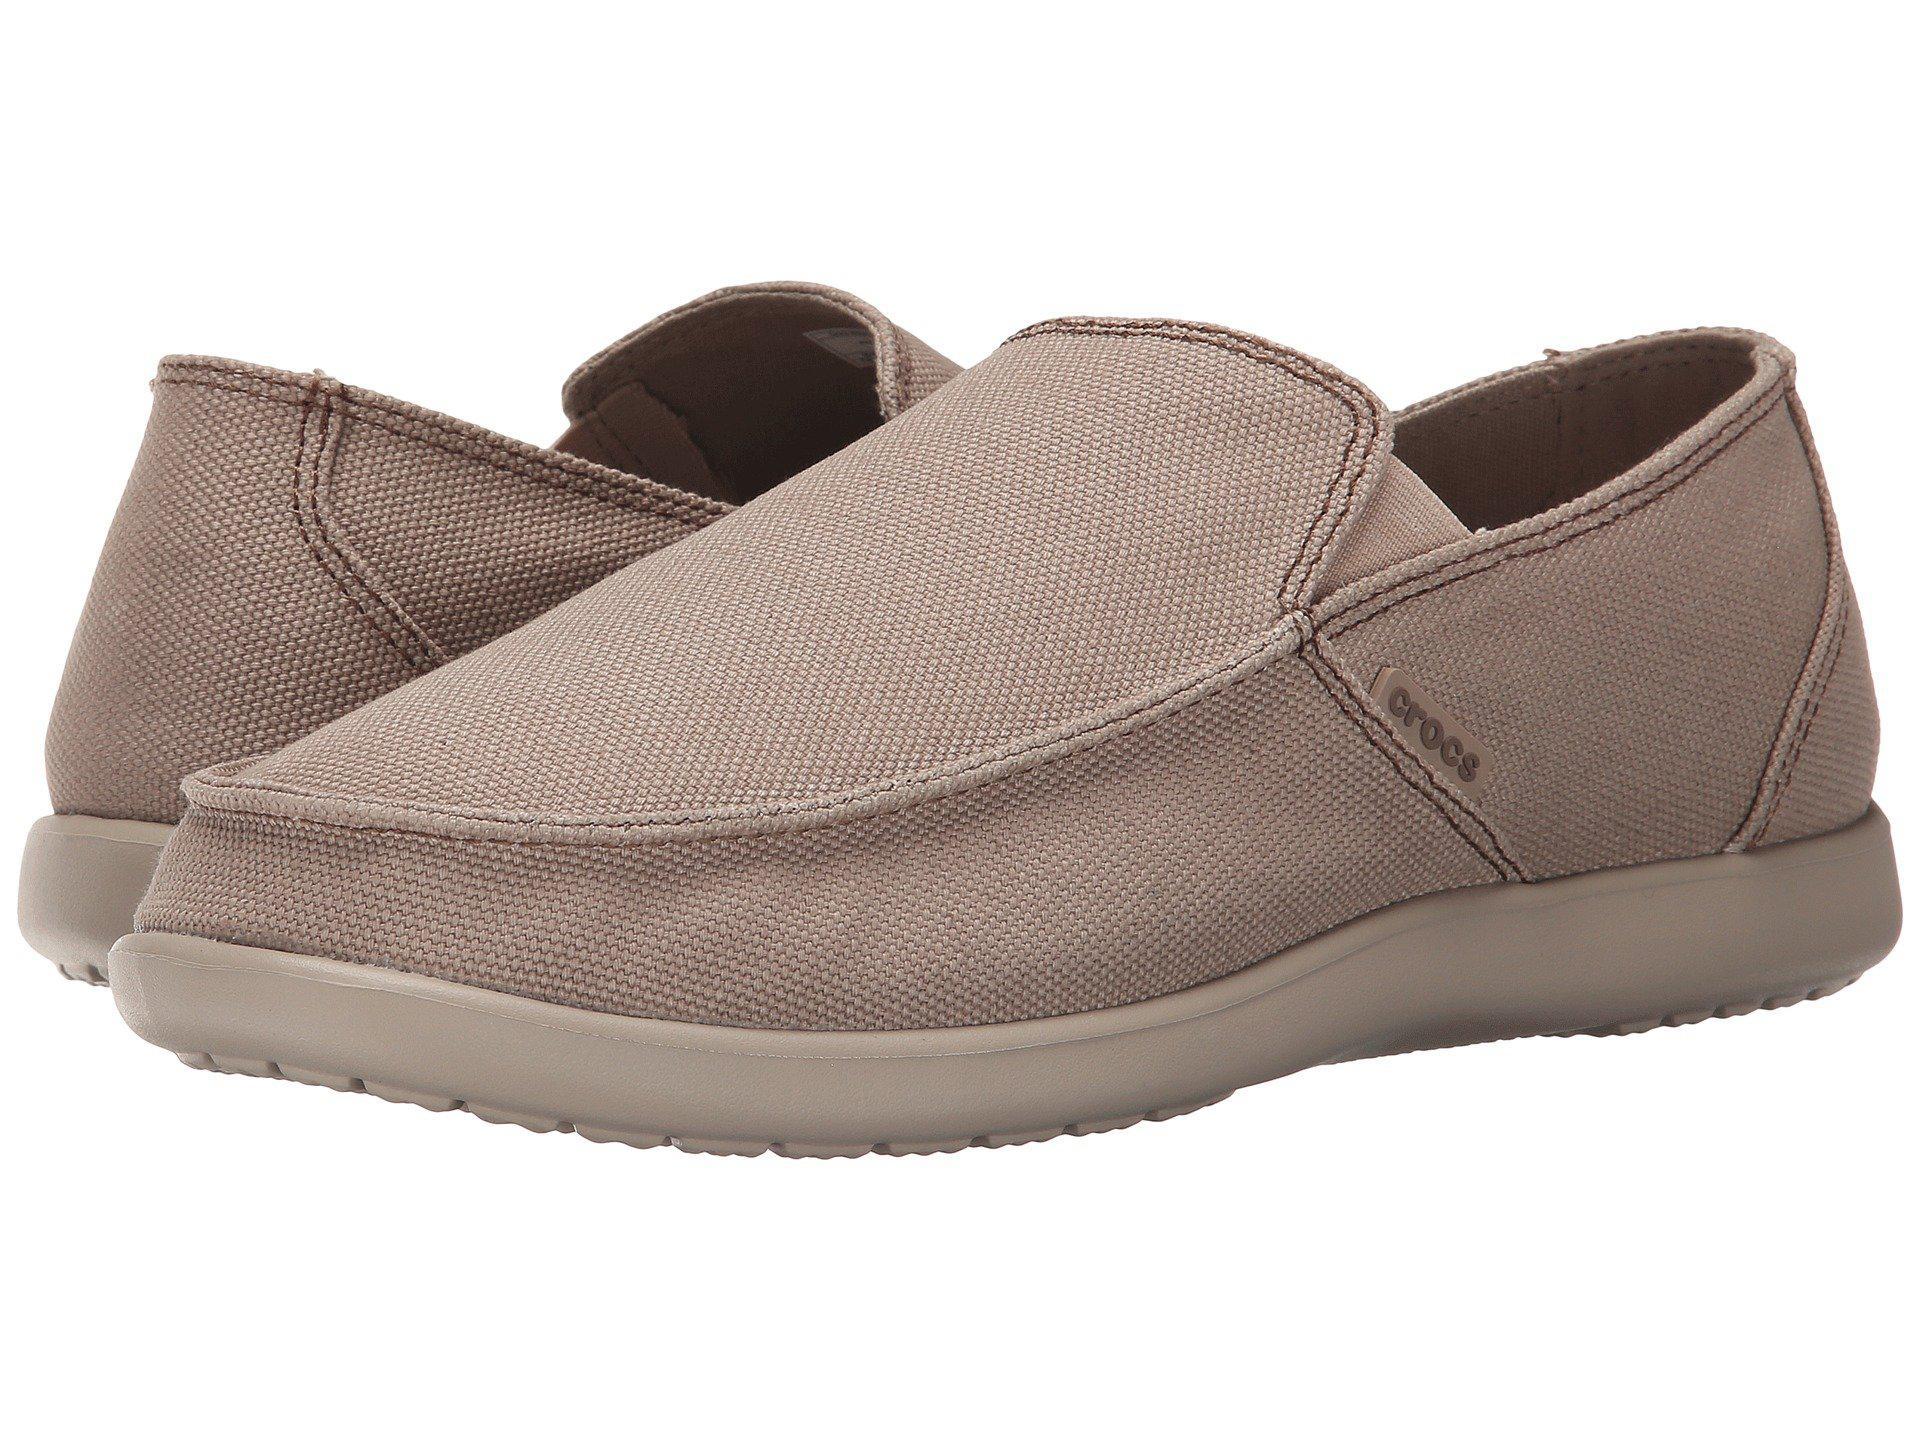 0d3814792b4 Lyst - Crocs™ Santa Cruz Clean Cut Loafer in Natural for Men